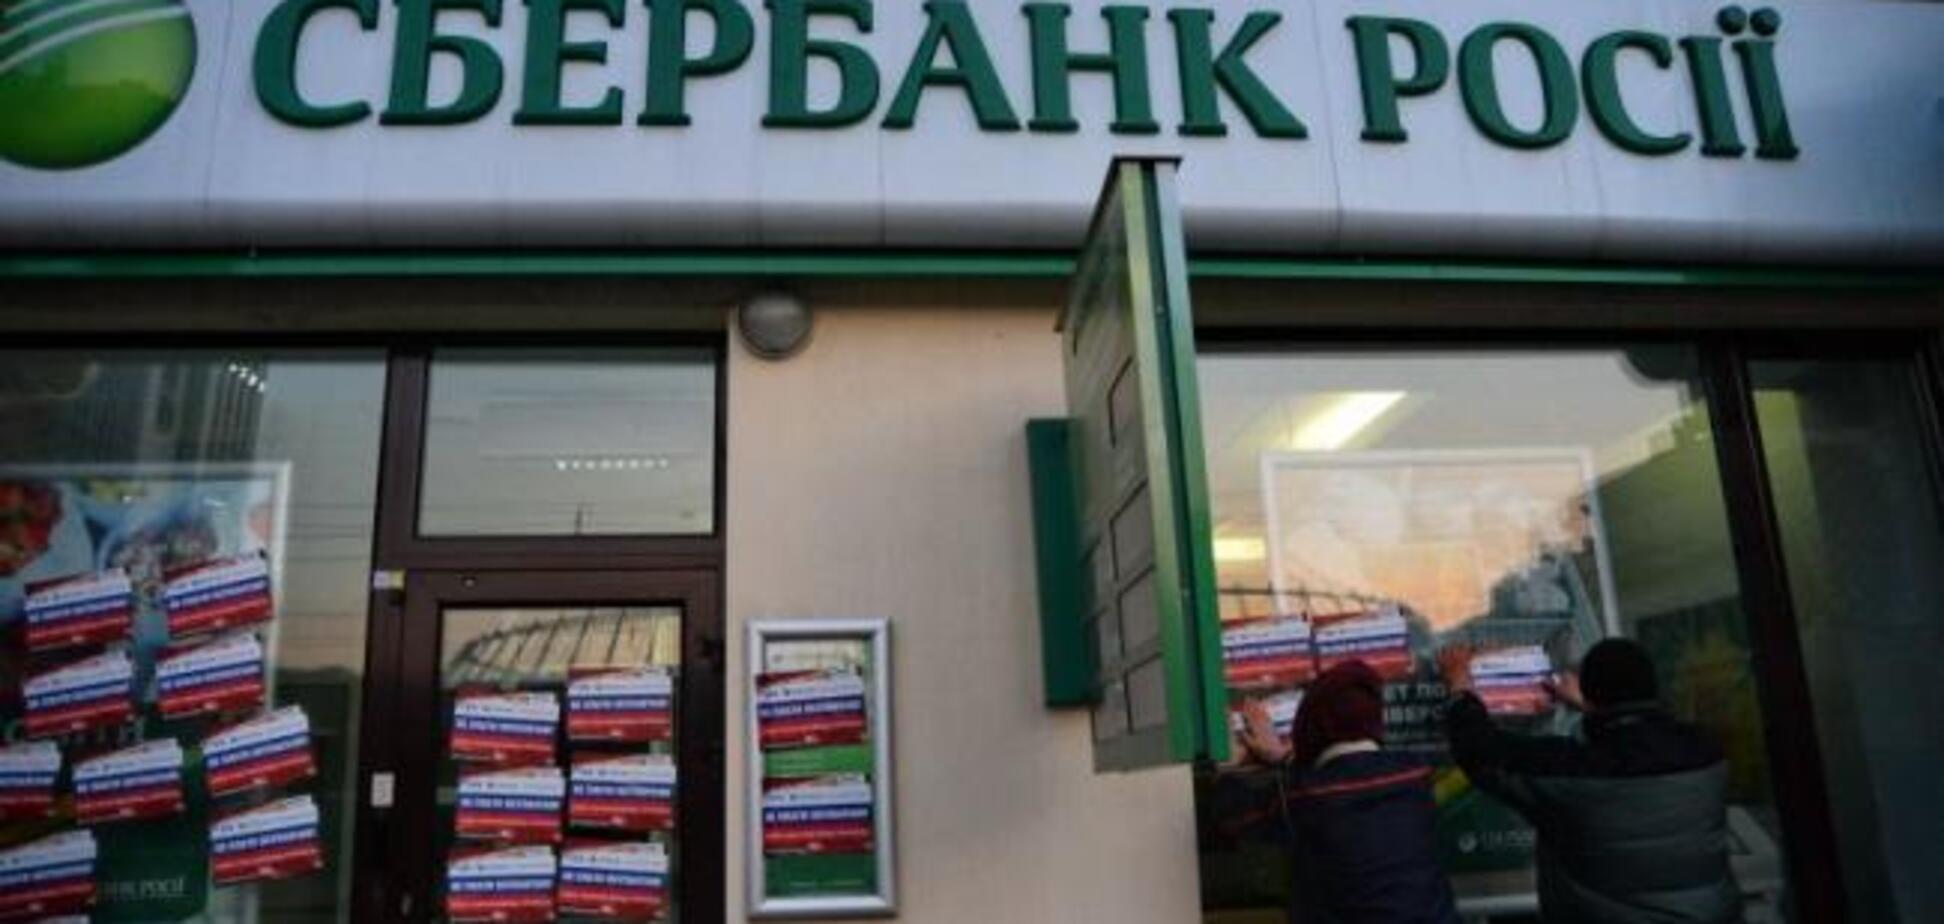 Сбербанк в Україні втратив головного покупця через санкції